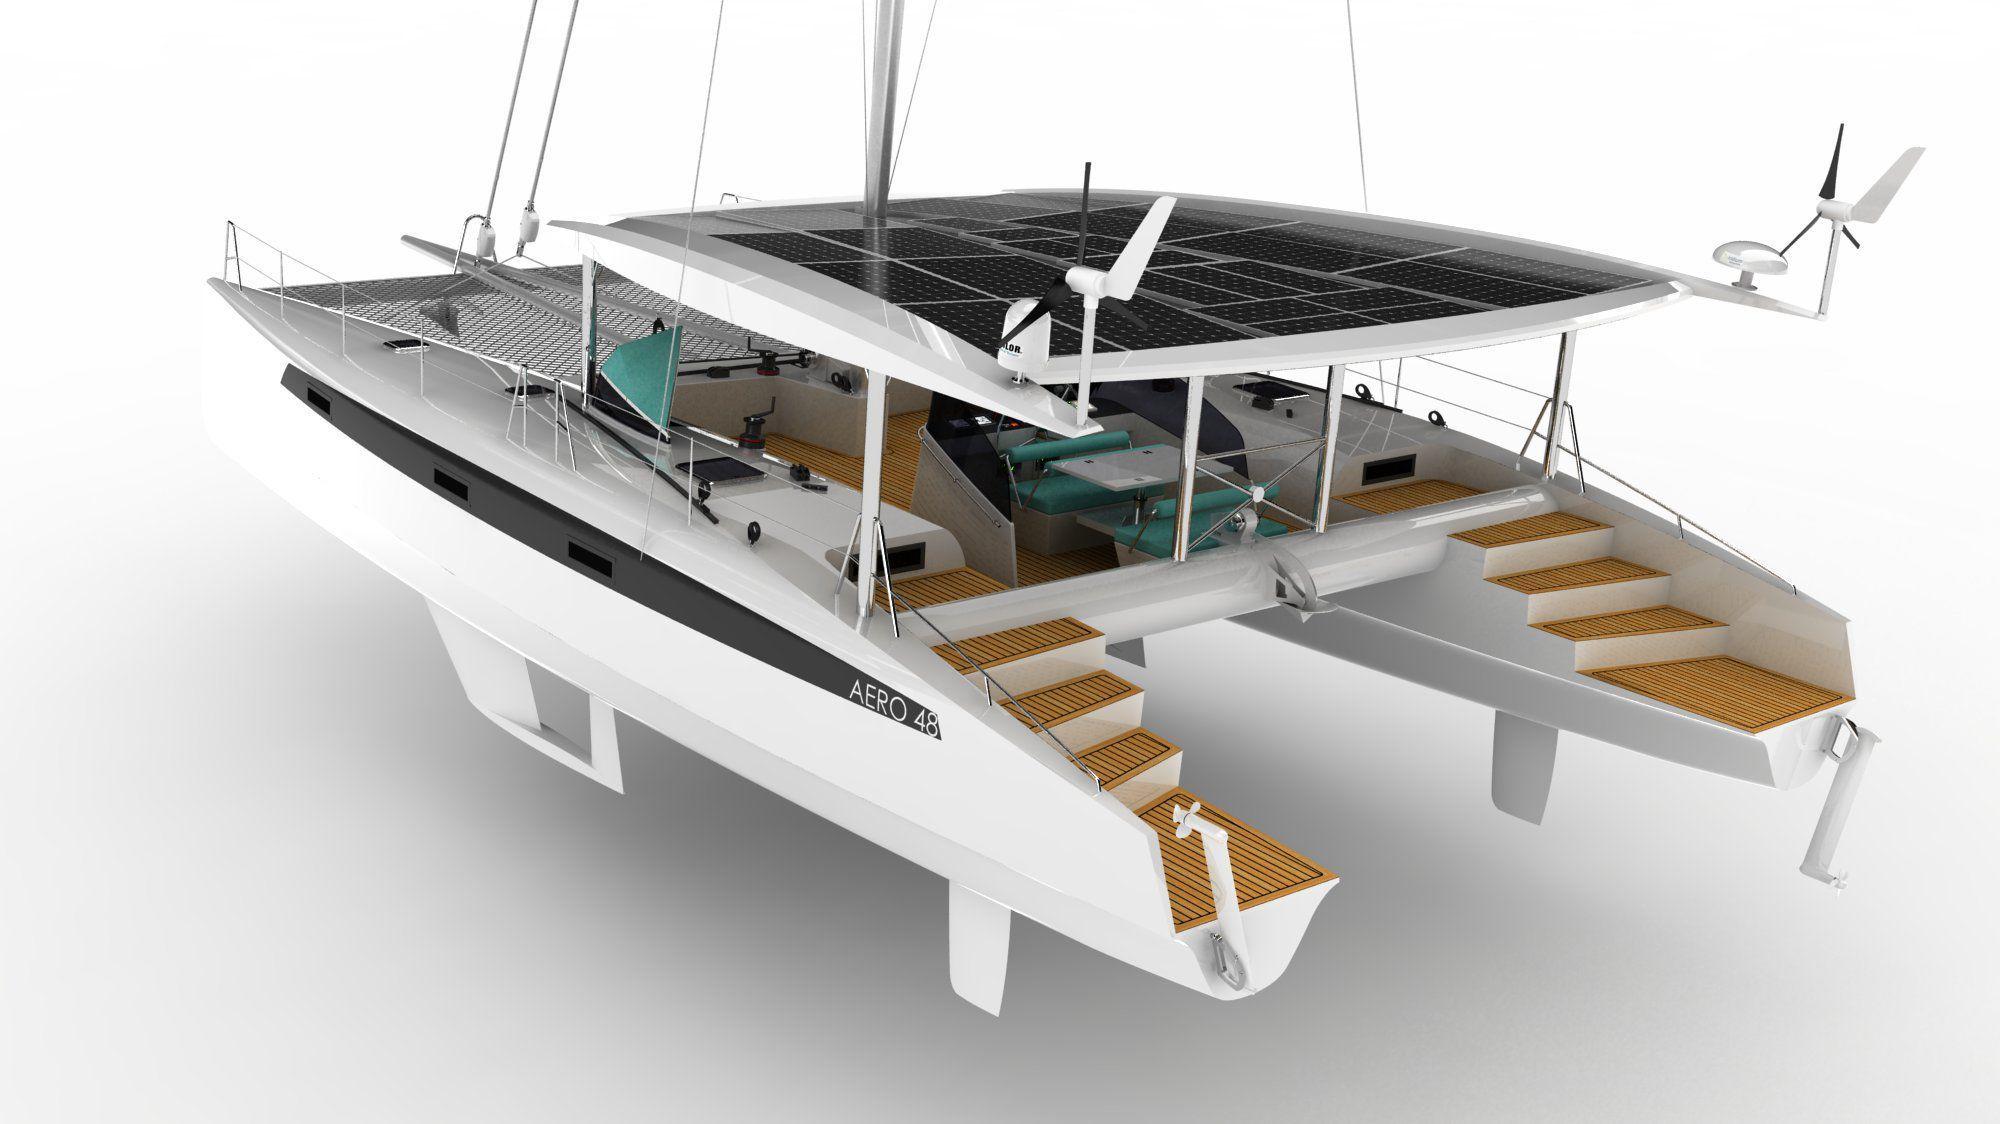 Catamaran Sailboat Designs - Year of Clean Water